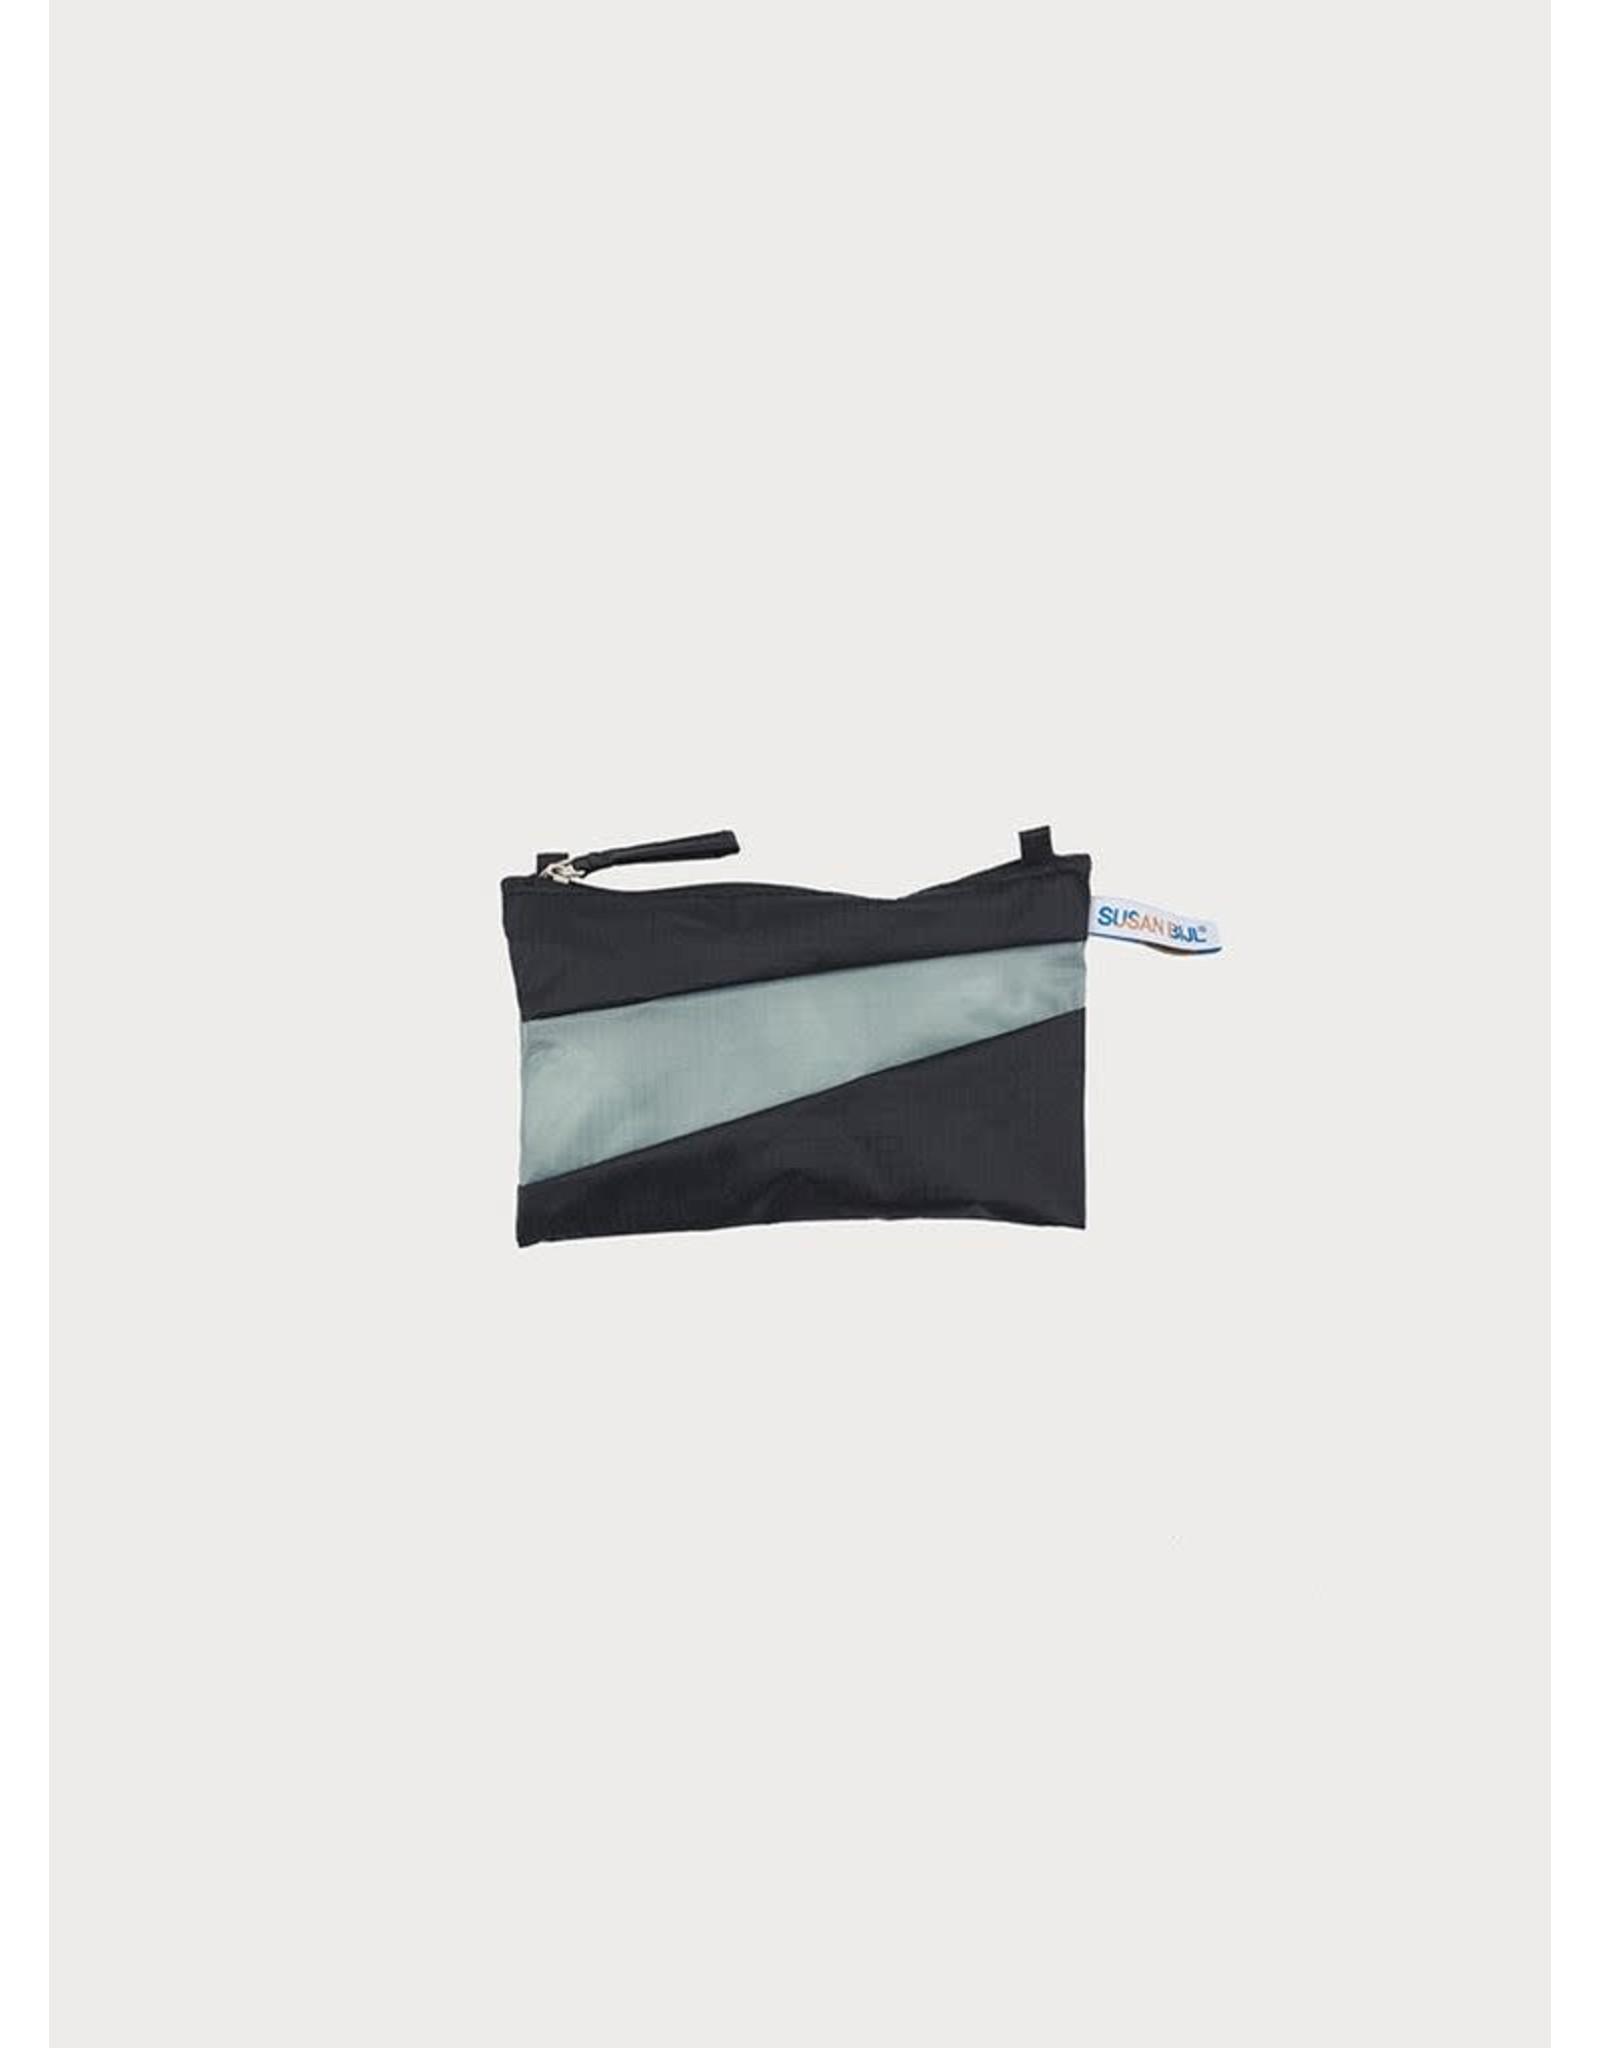 Suzan Bijl Pouch S, Black & Grey | 19 x 13cm